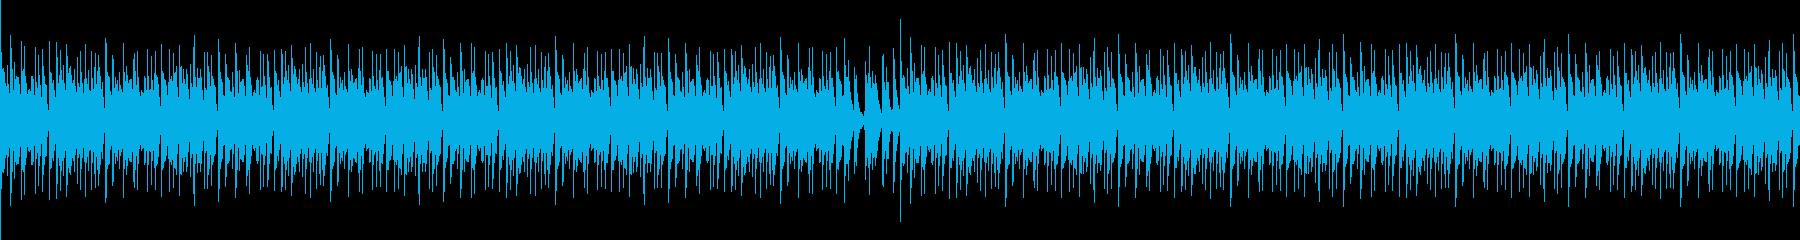 クラブ的な変拍子ジャジーピアノの再生済みの波形